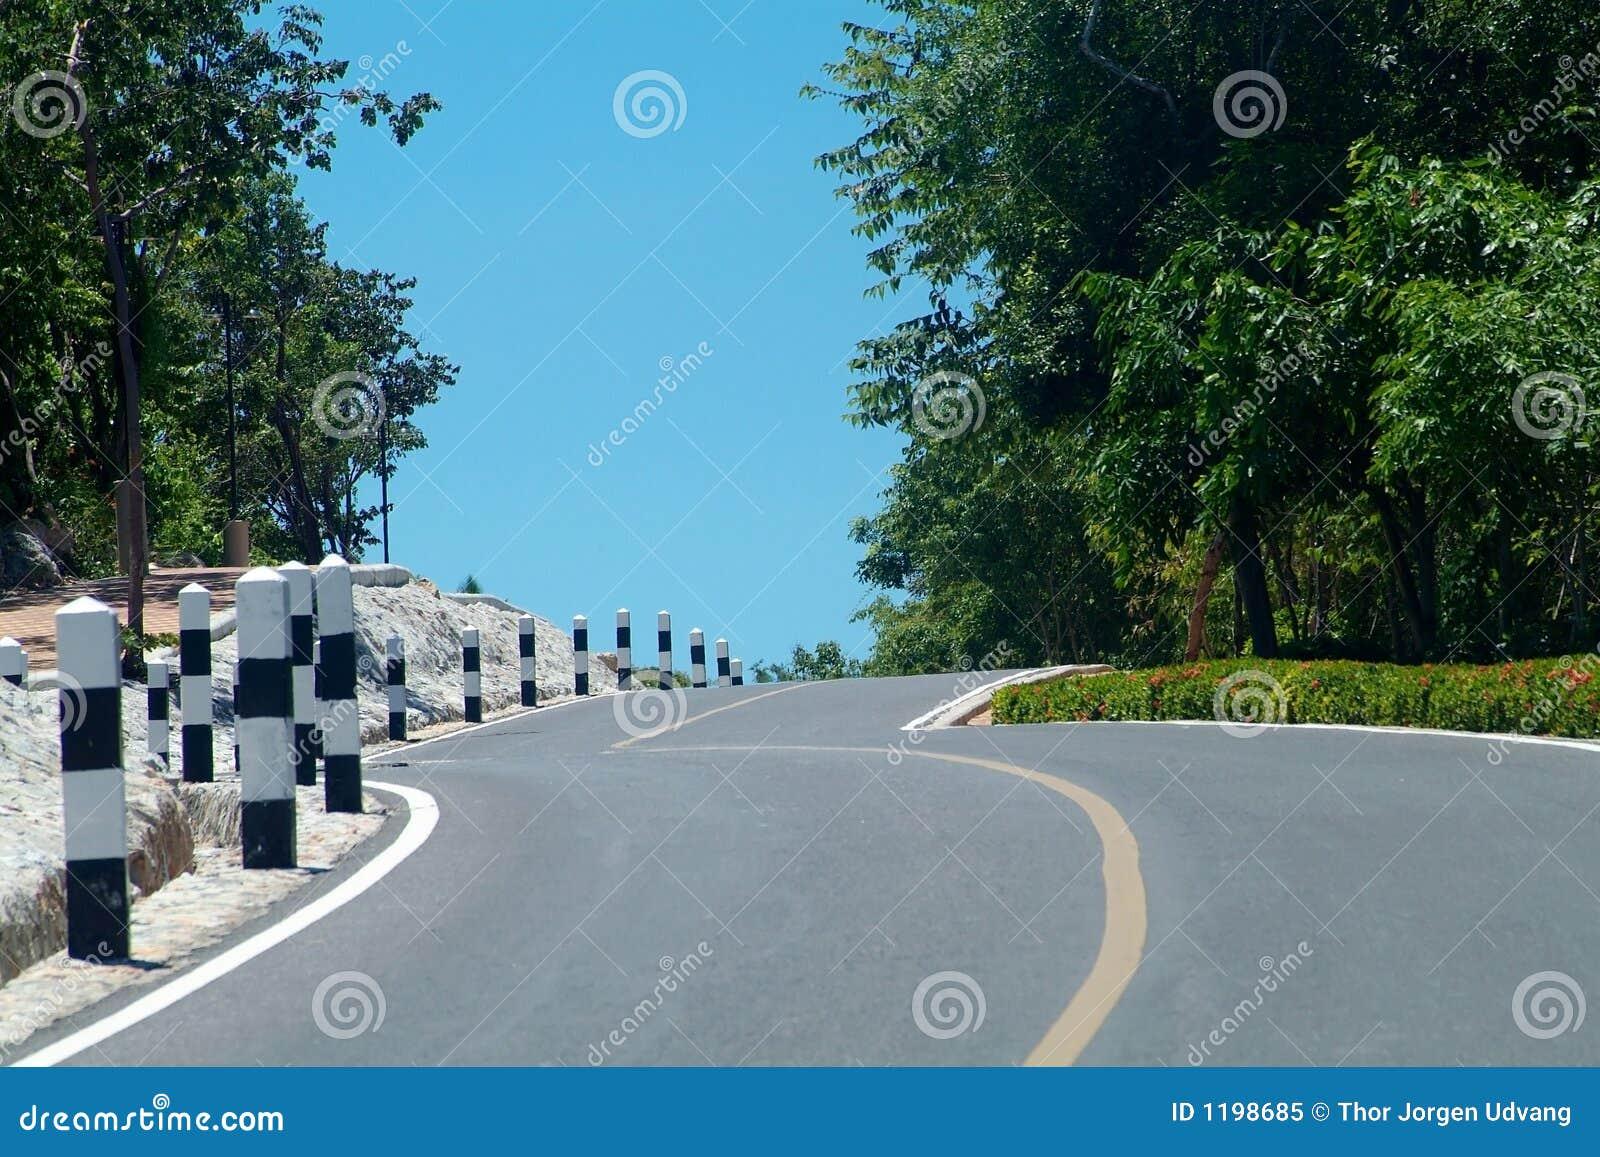 холм над замоткой дороги